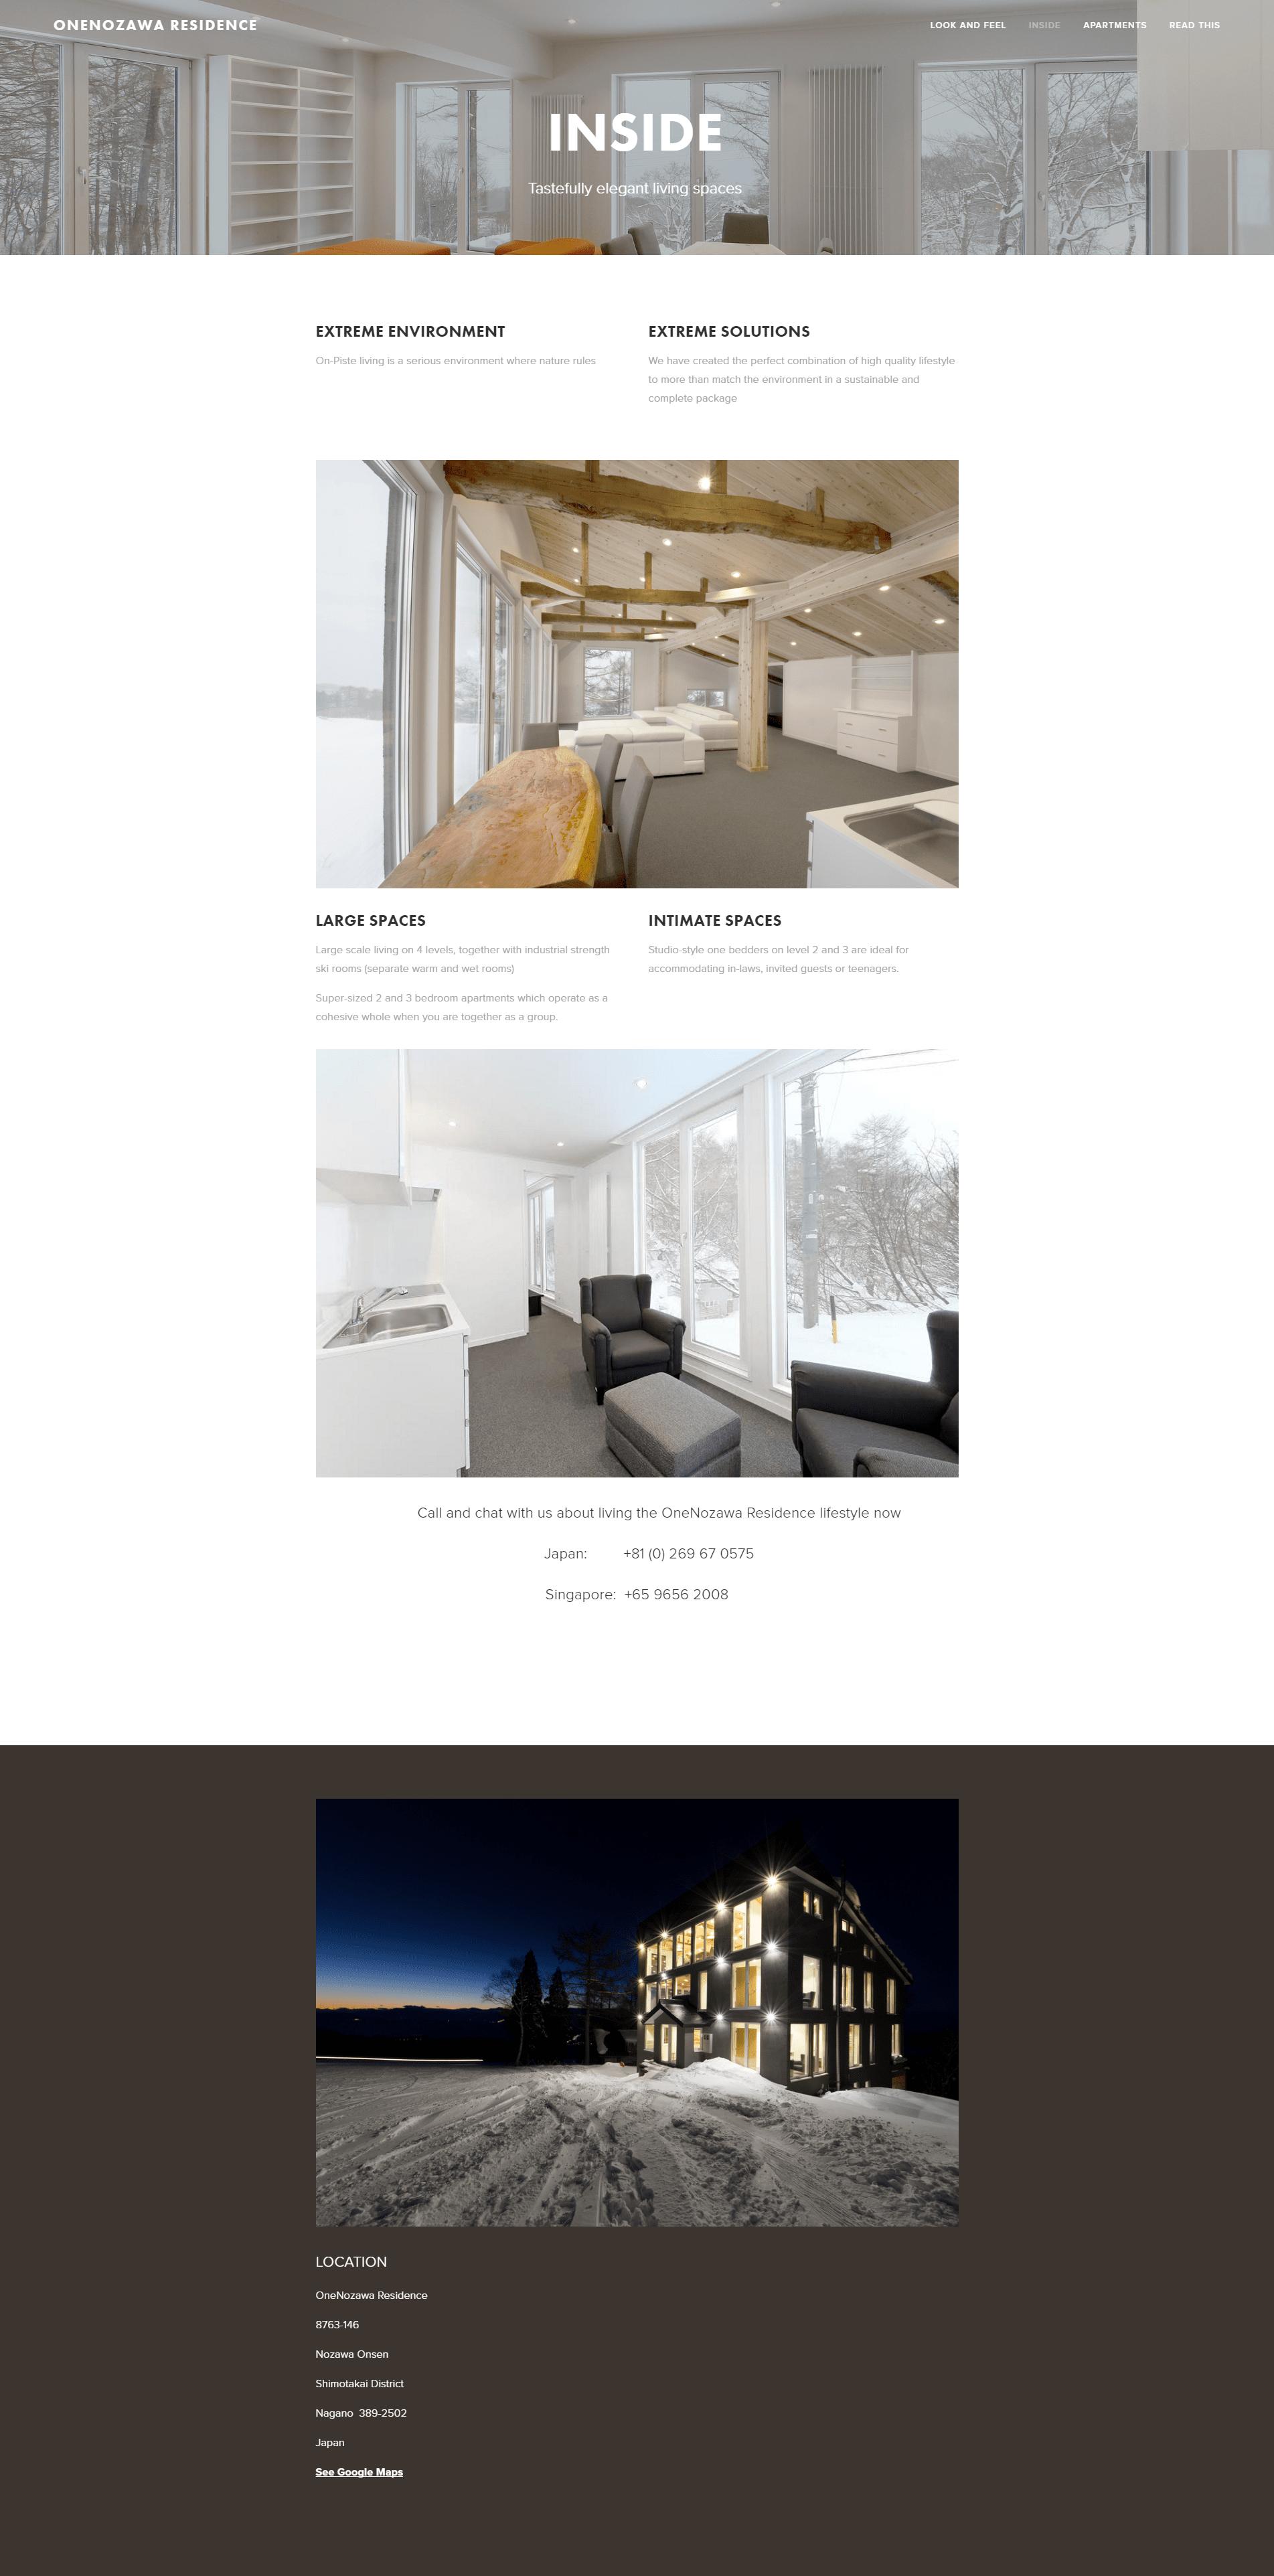 Inside — OneNozawa Residence-min